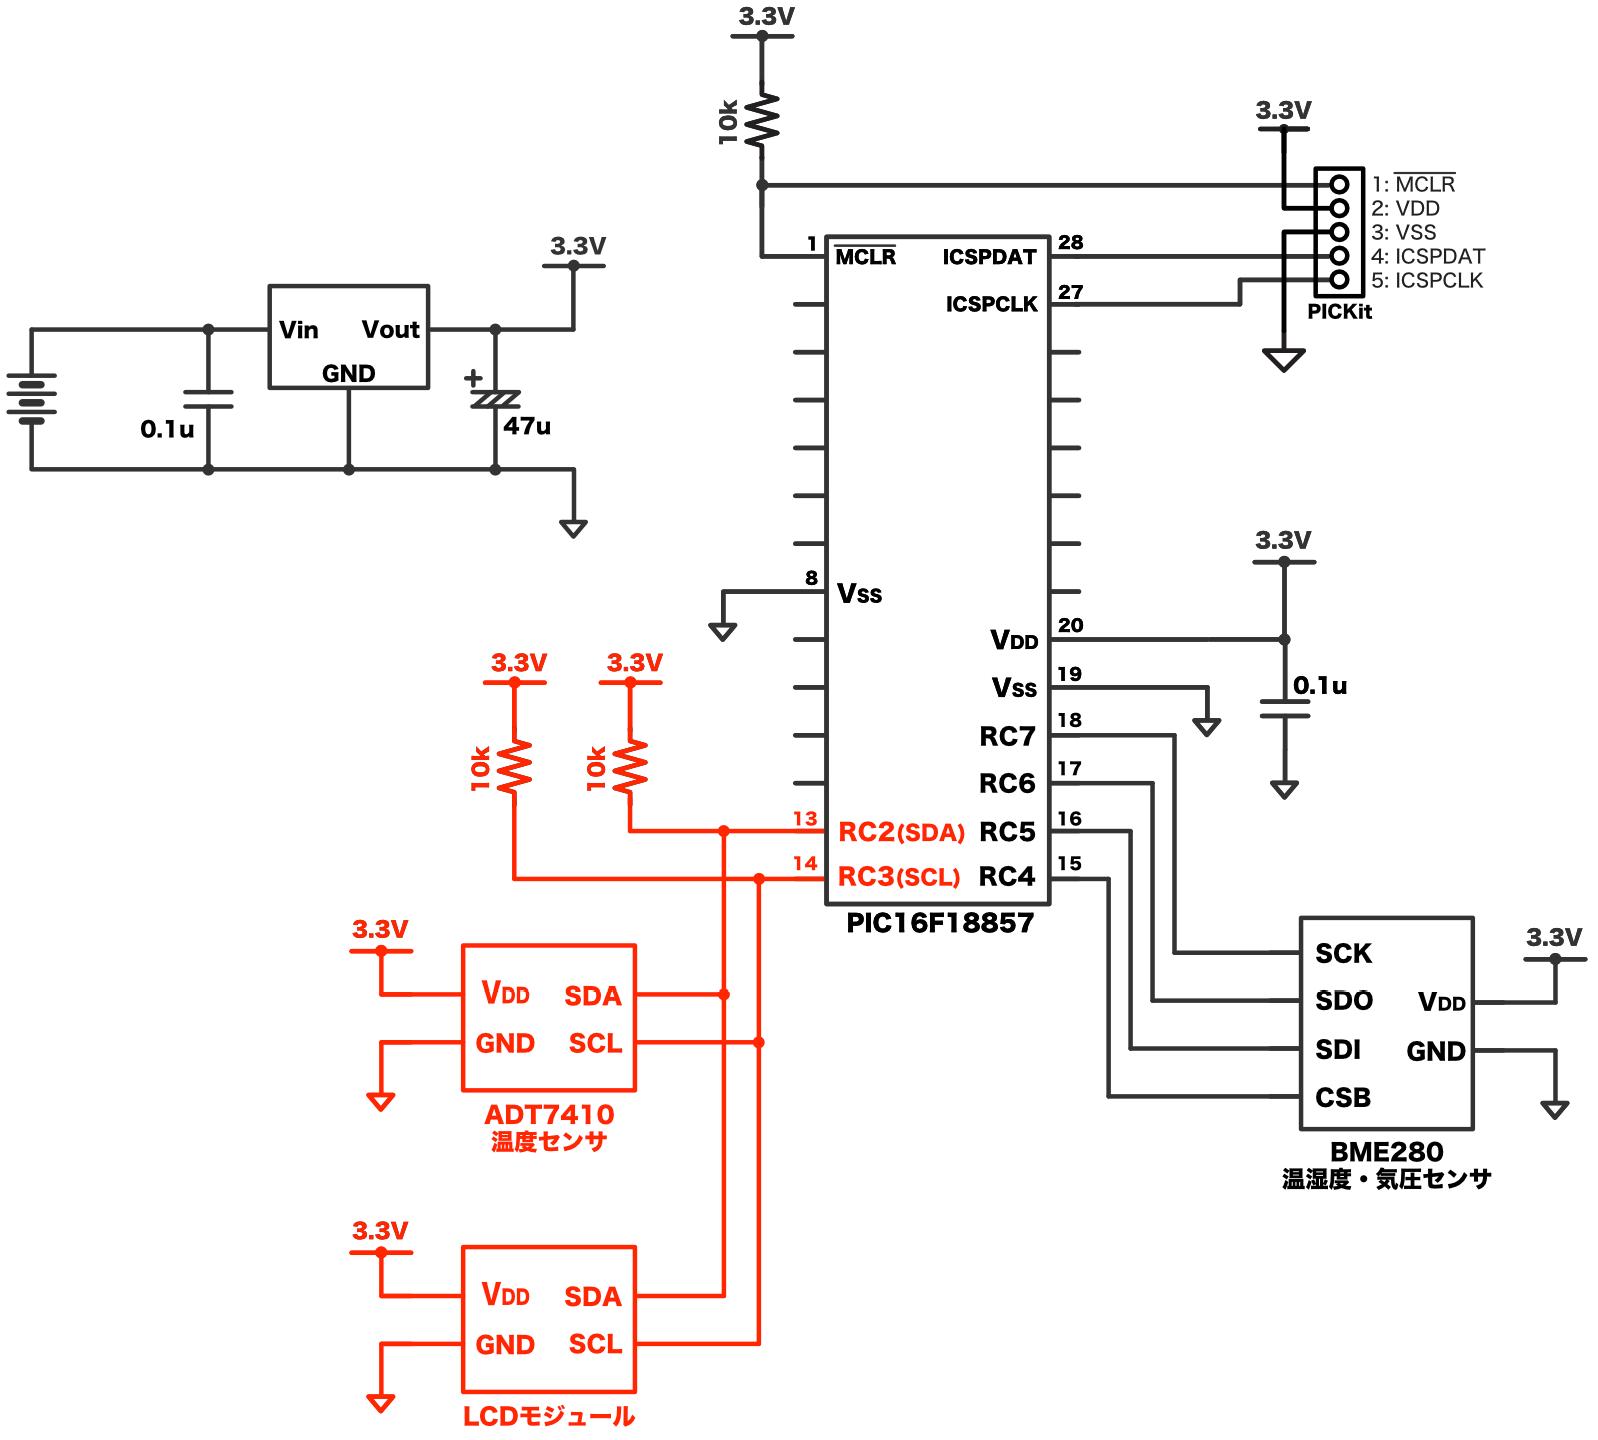 液晶モジュール接続回路